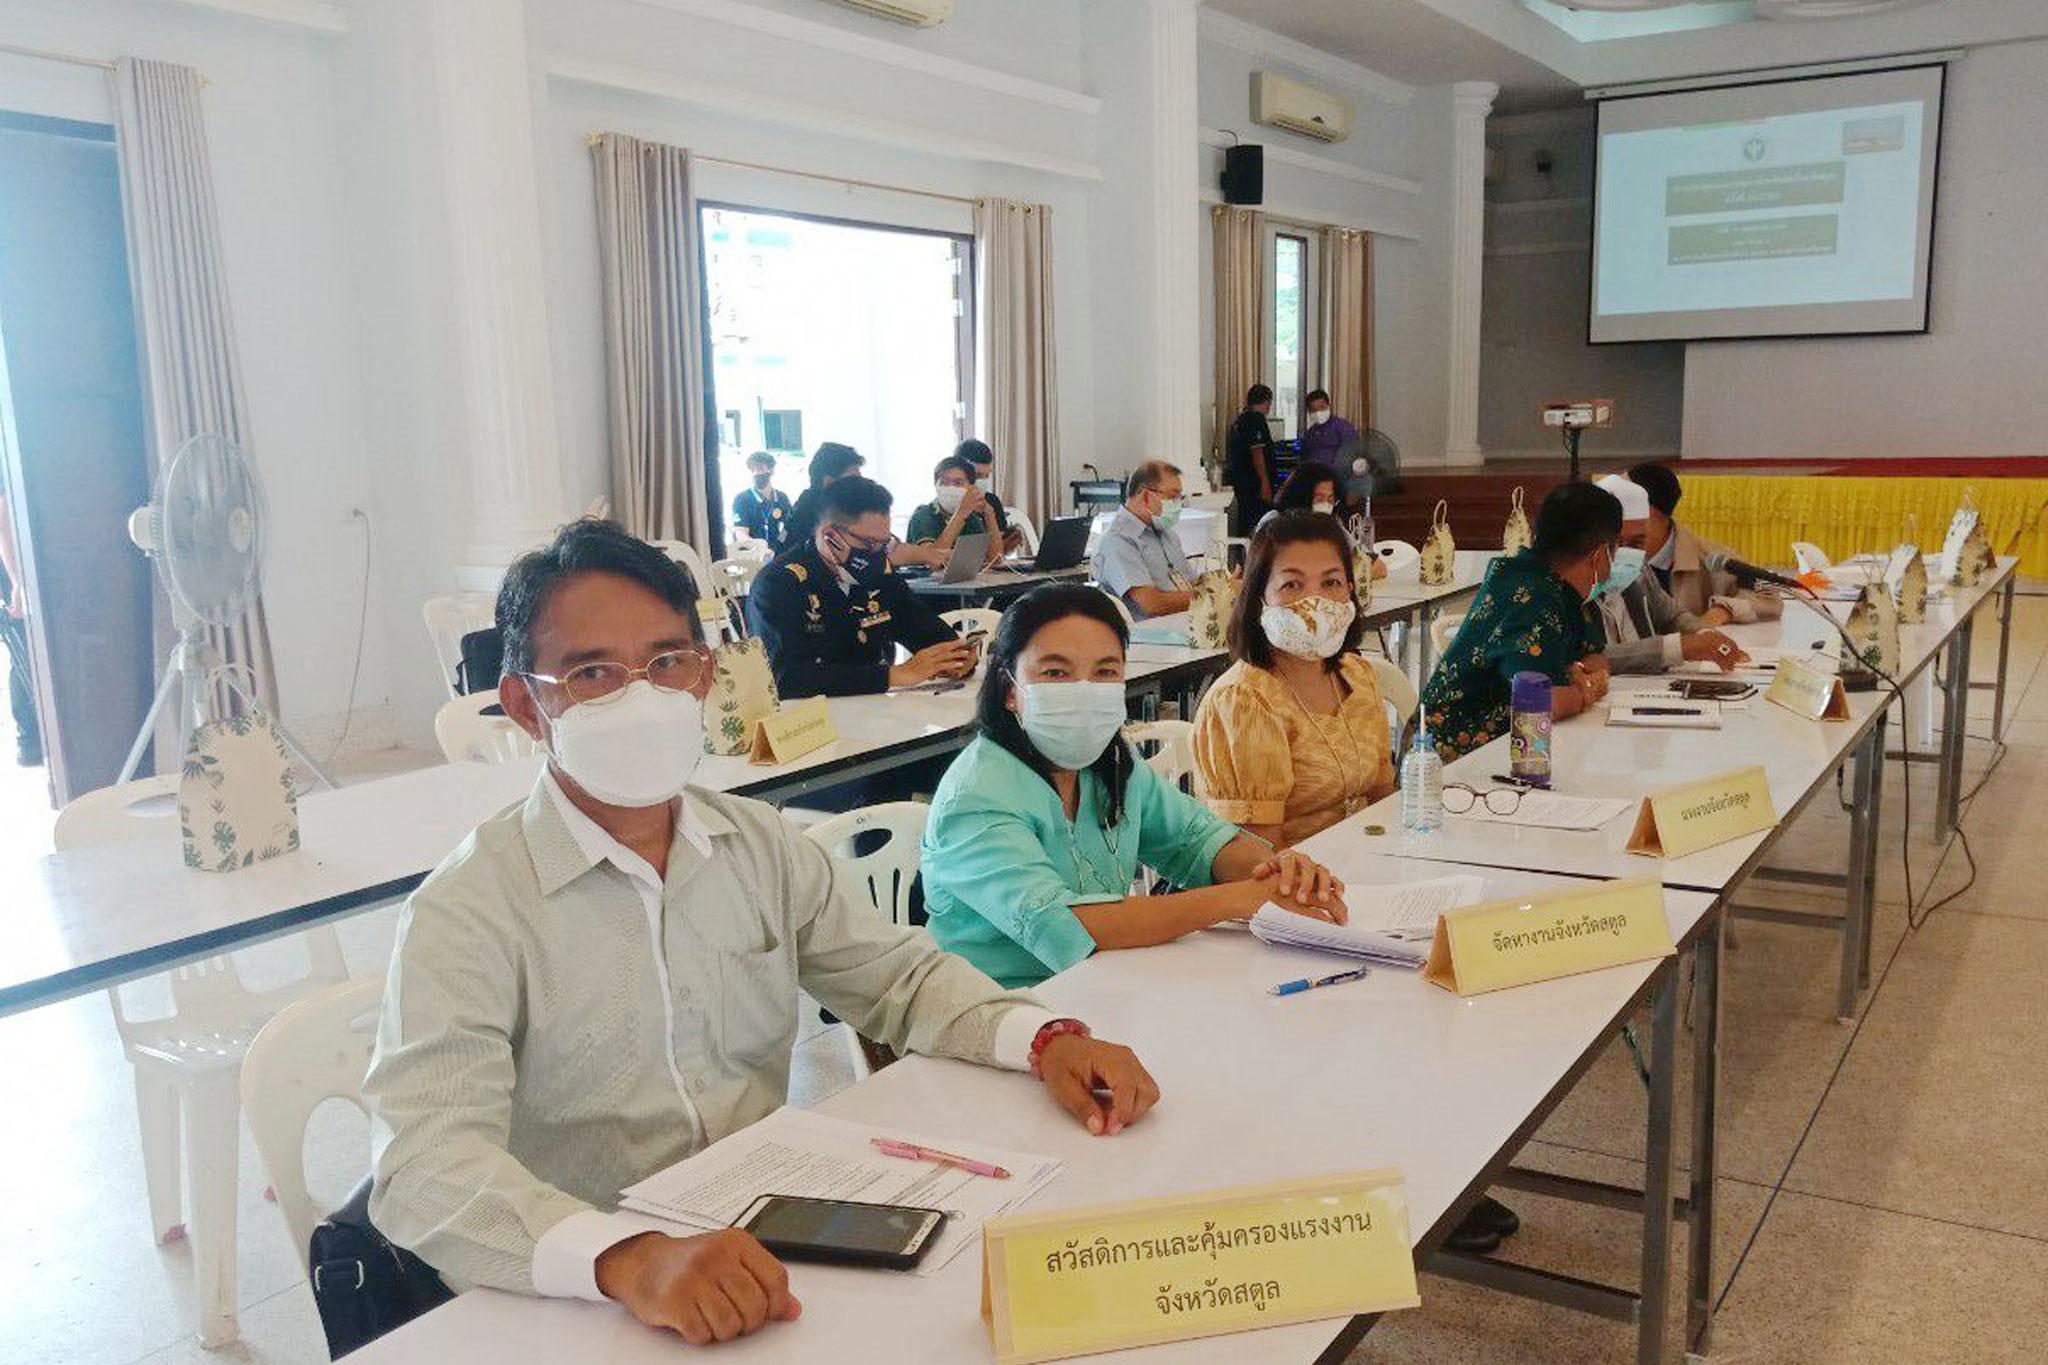 วันที่ 5 พฤษภาคม 2564 แรงงานจังหวัดสตูลร่วมประชุมคณะกรรมการโรคติดต่อจังหวัดสตูล ครั้งที่ 24/2564